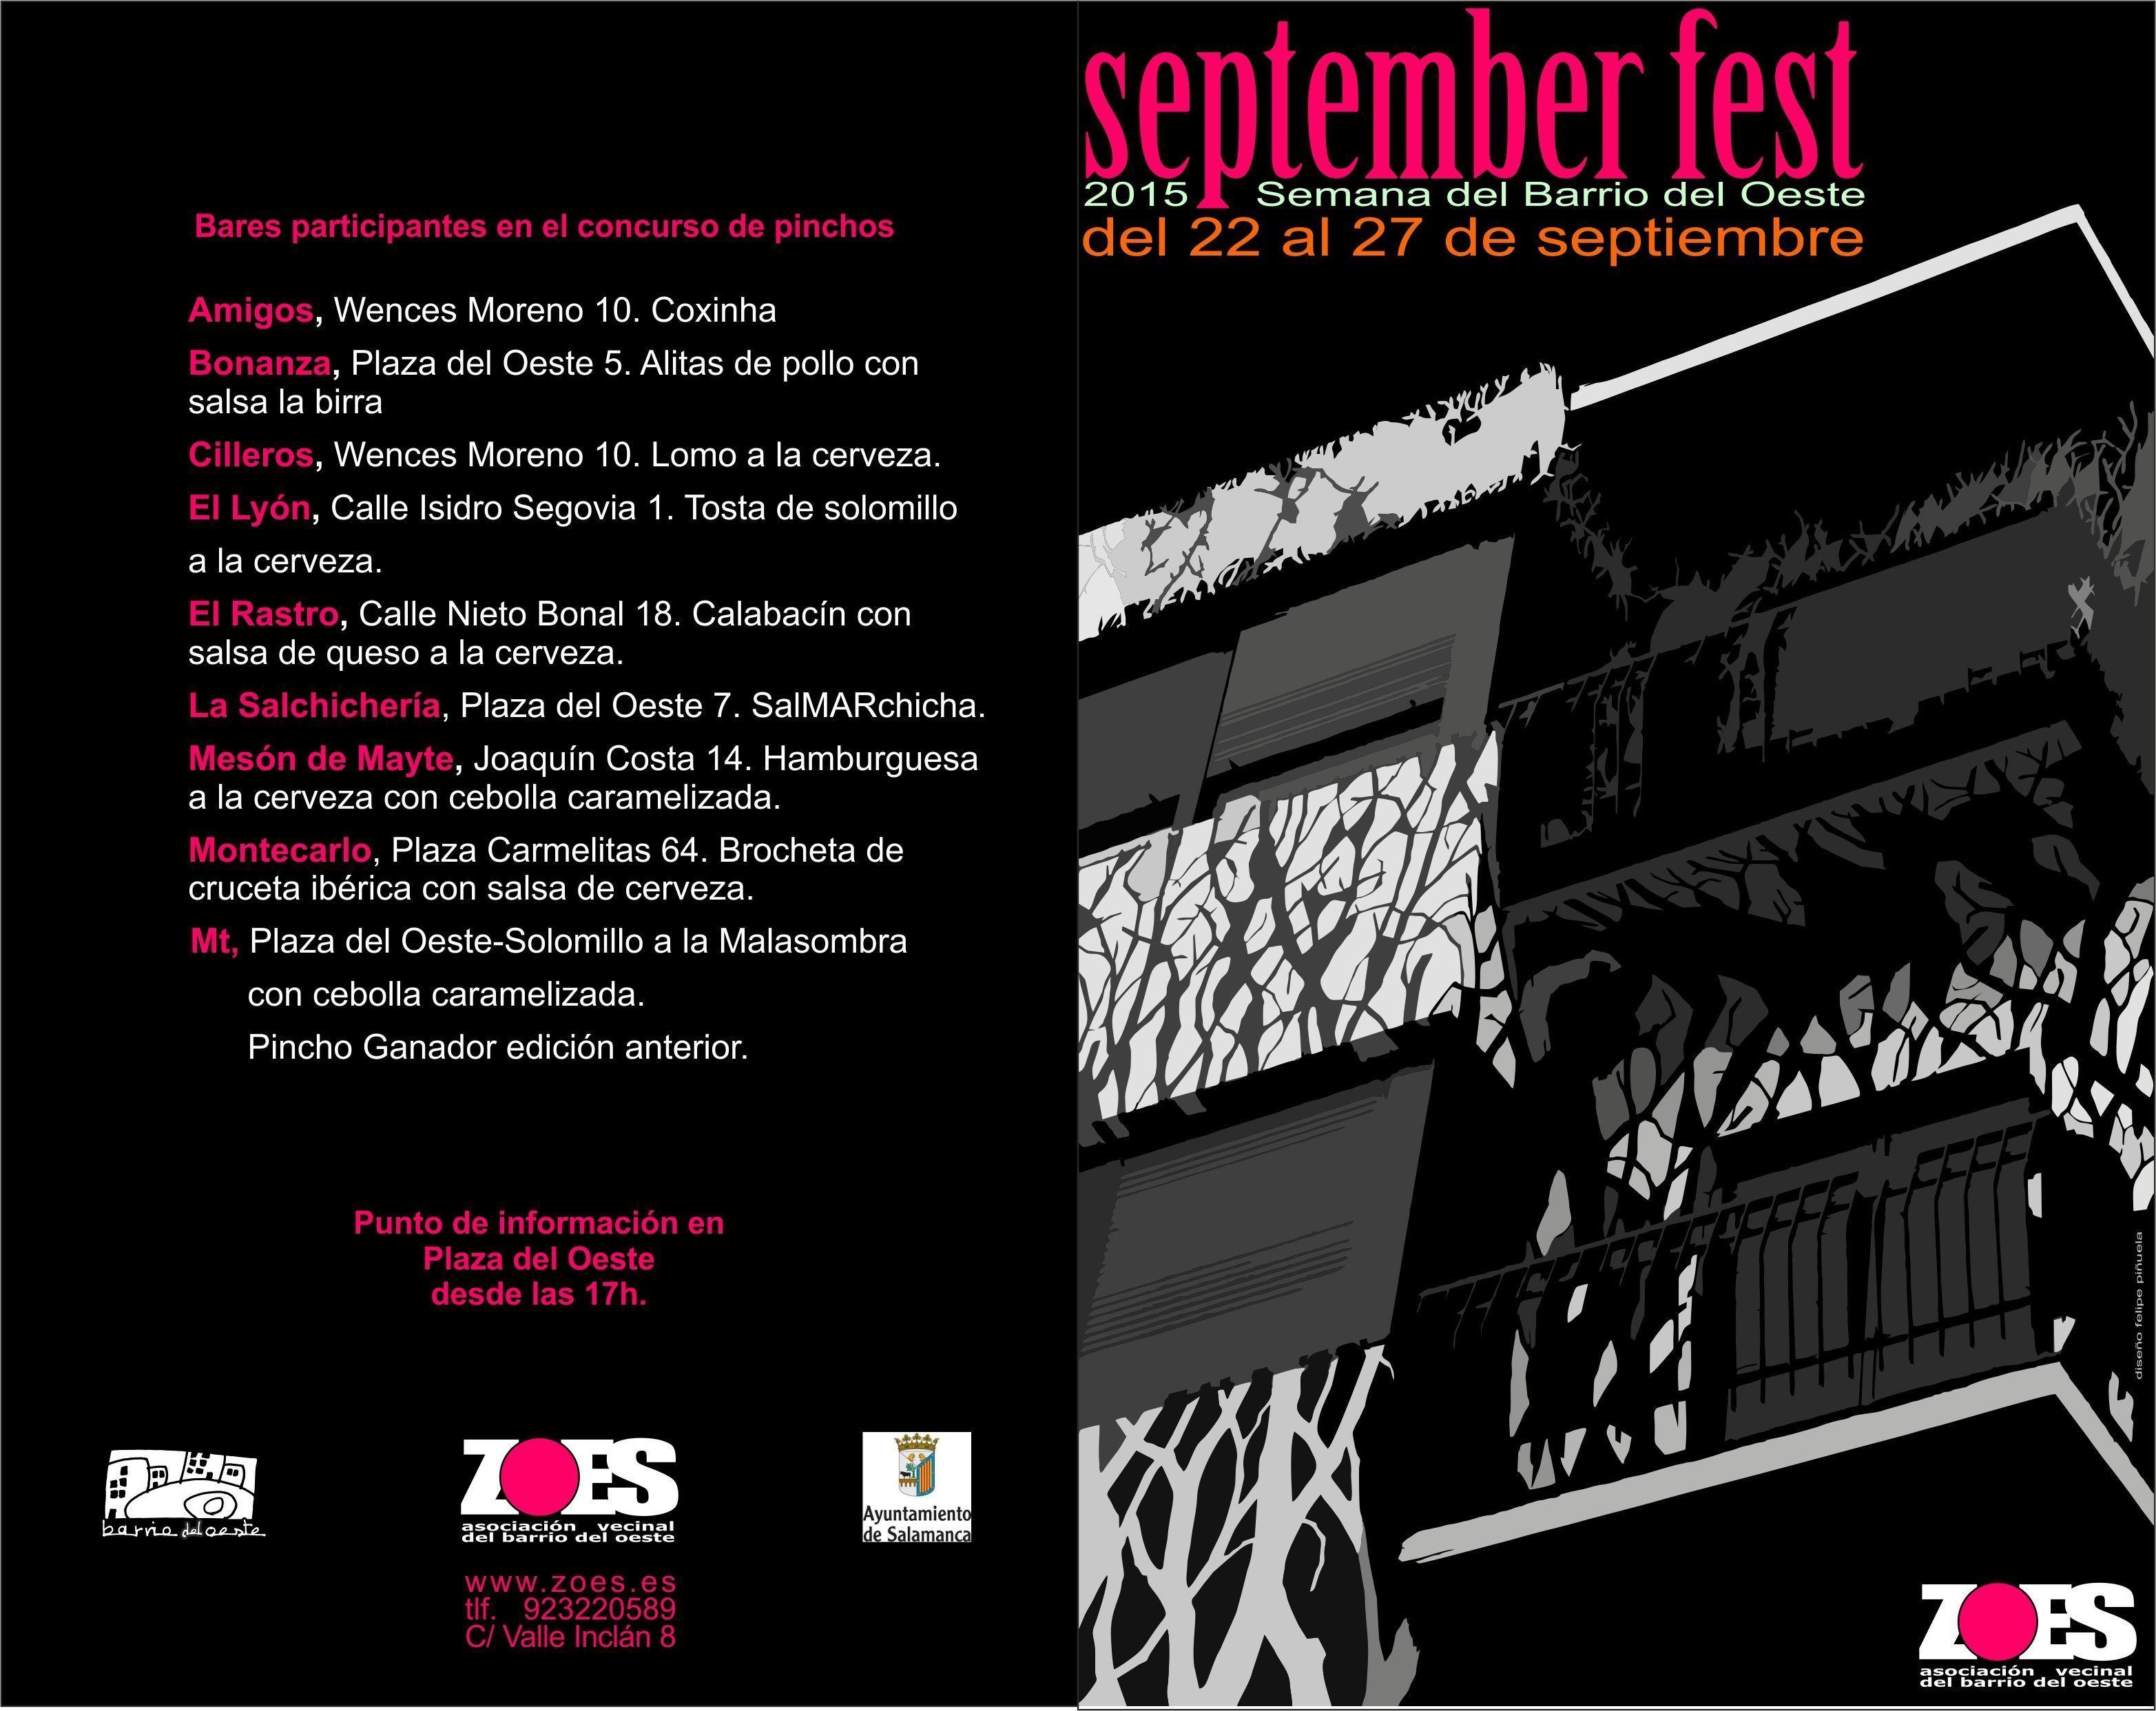 Concurso Pinchos September Fest. Semana del Barrio del Oeste